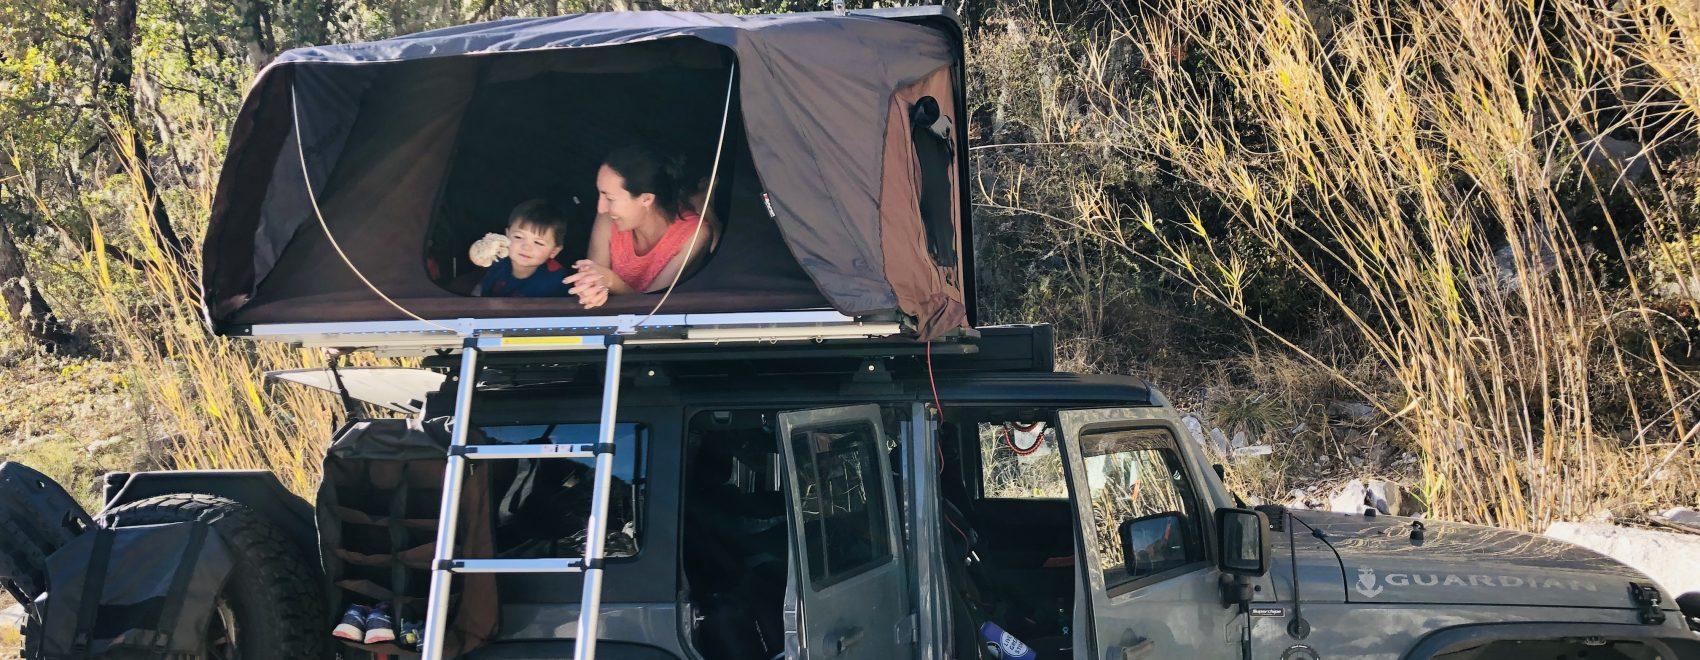 Crossing Border Into Mexico Interior